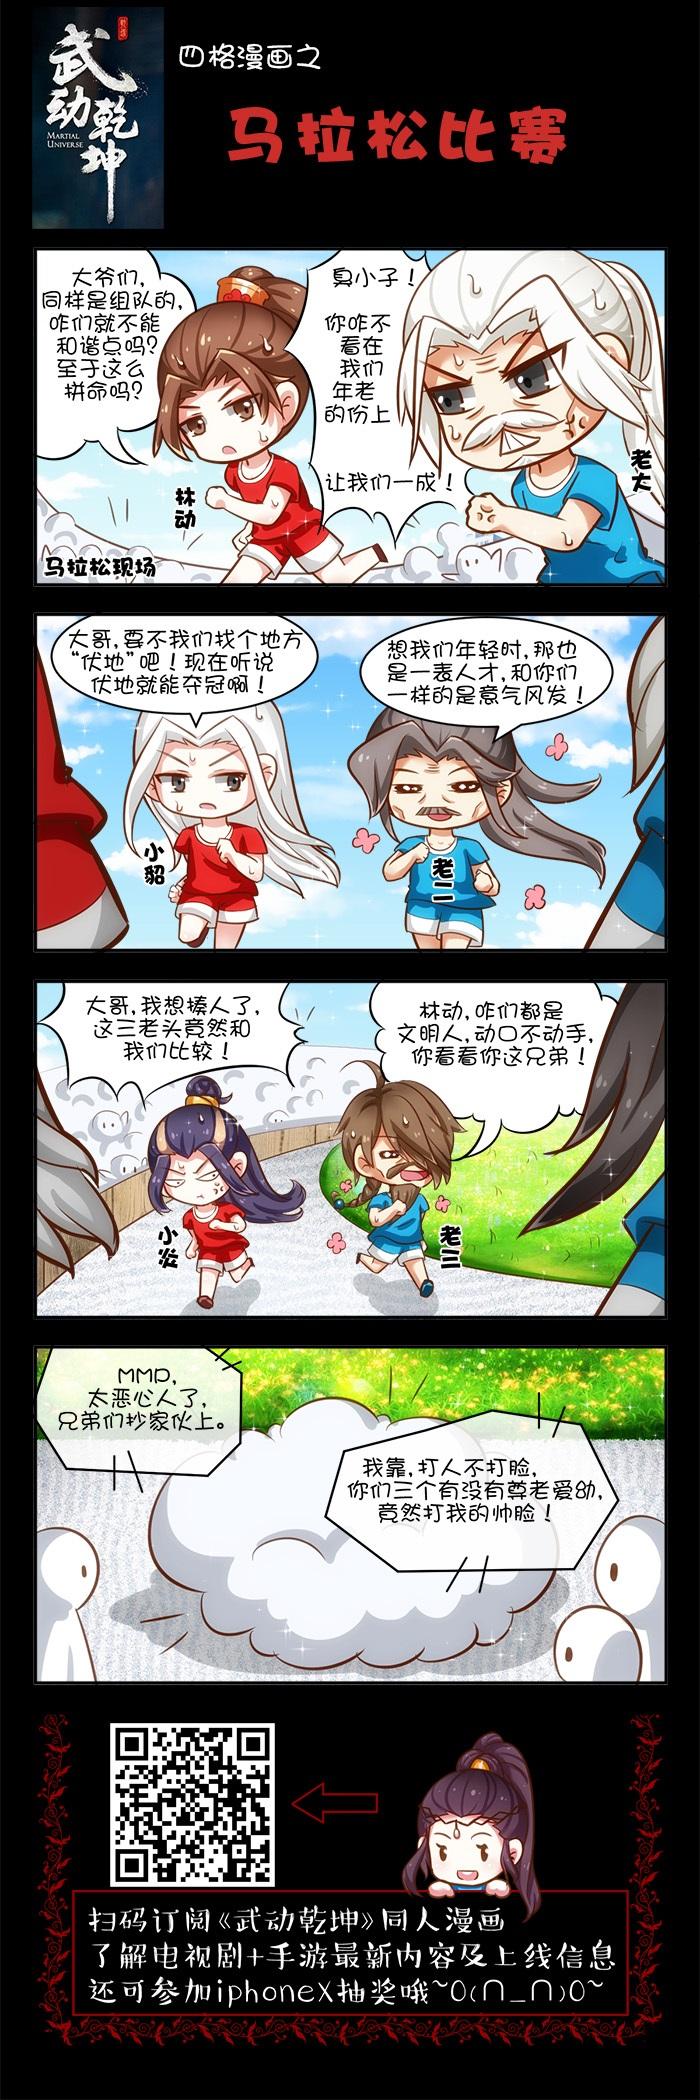 《武动乾坤》同名漫画:马拉松比赛